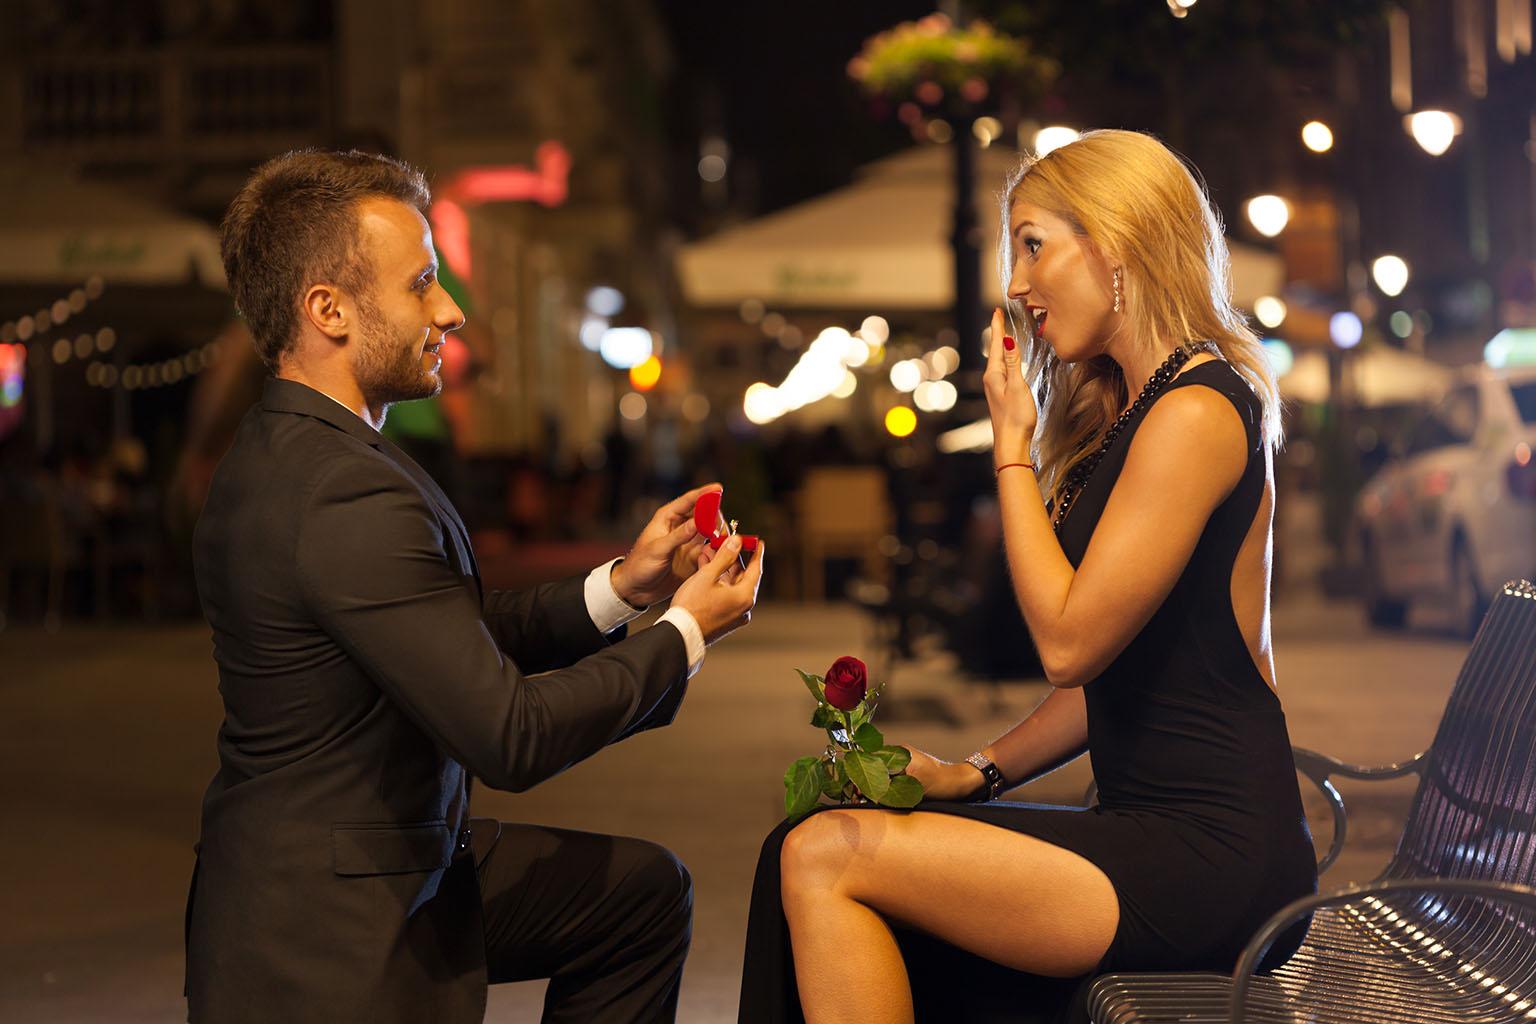 Hombre le propone matrimonio a su pareja en un banco de la ciudad y ella se sorprende poniéndose la mano en la boca, mientras su pareja saca su anillo en una de las pedidas de matrimonio más románticas.